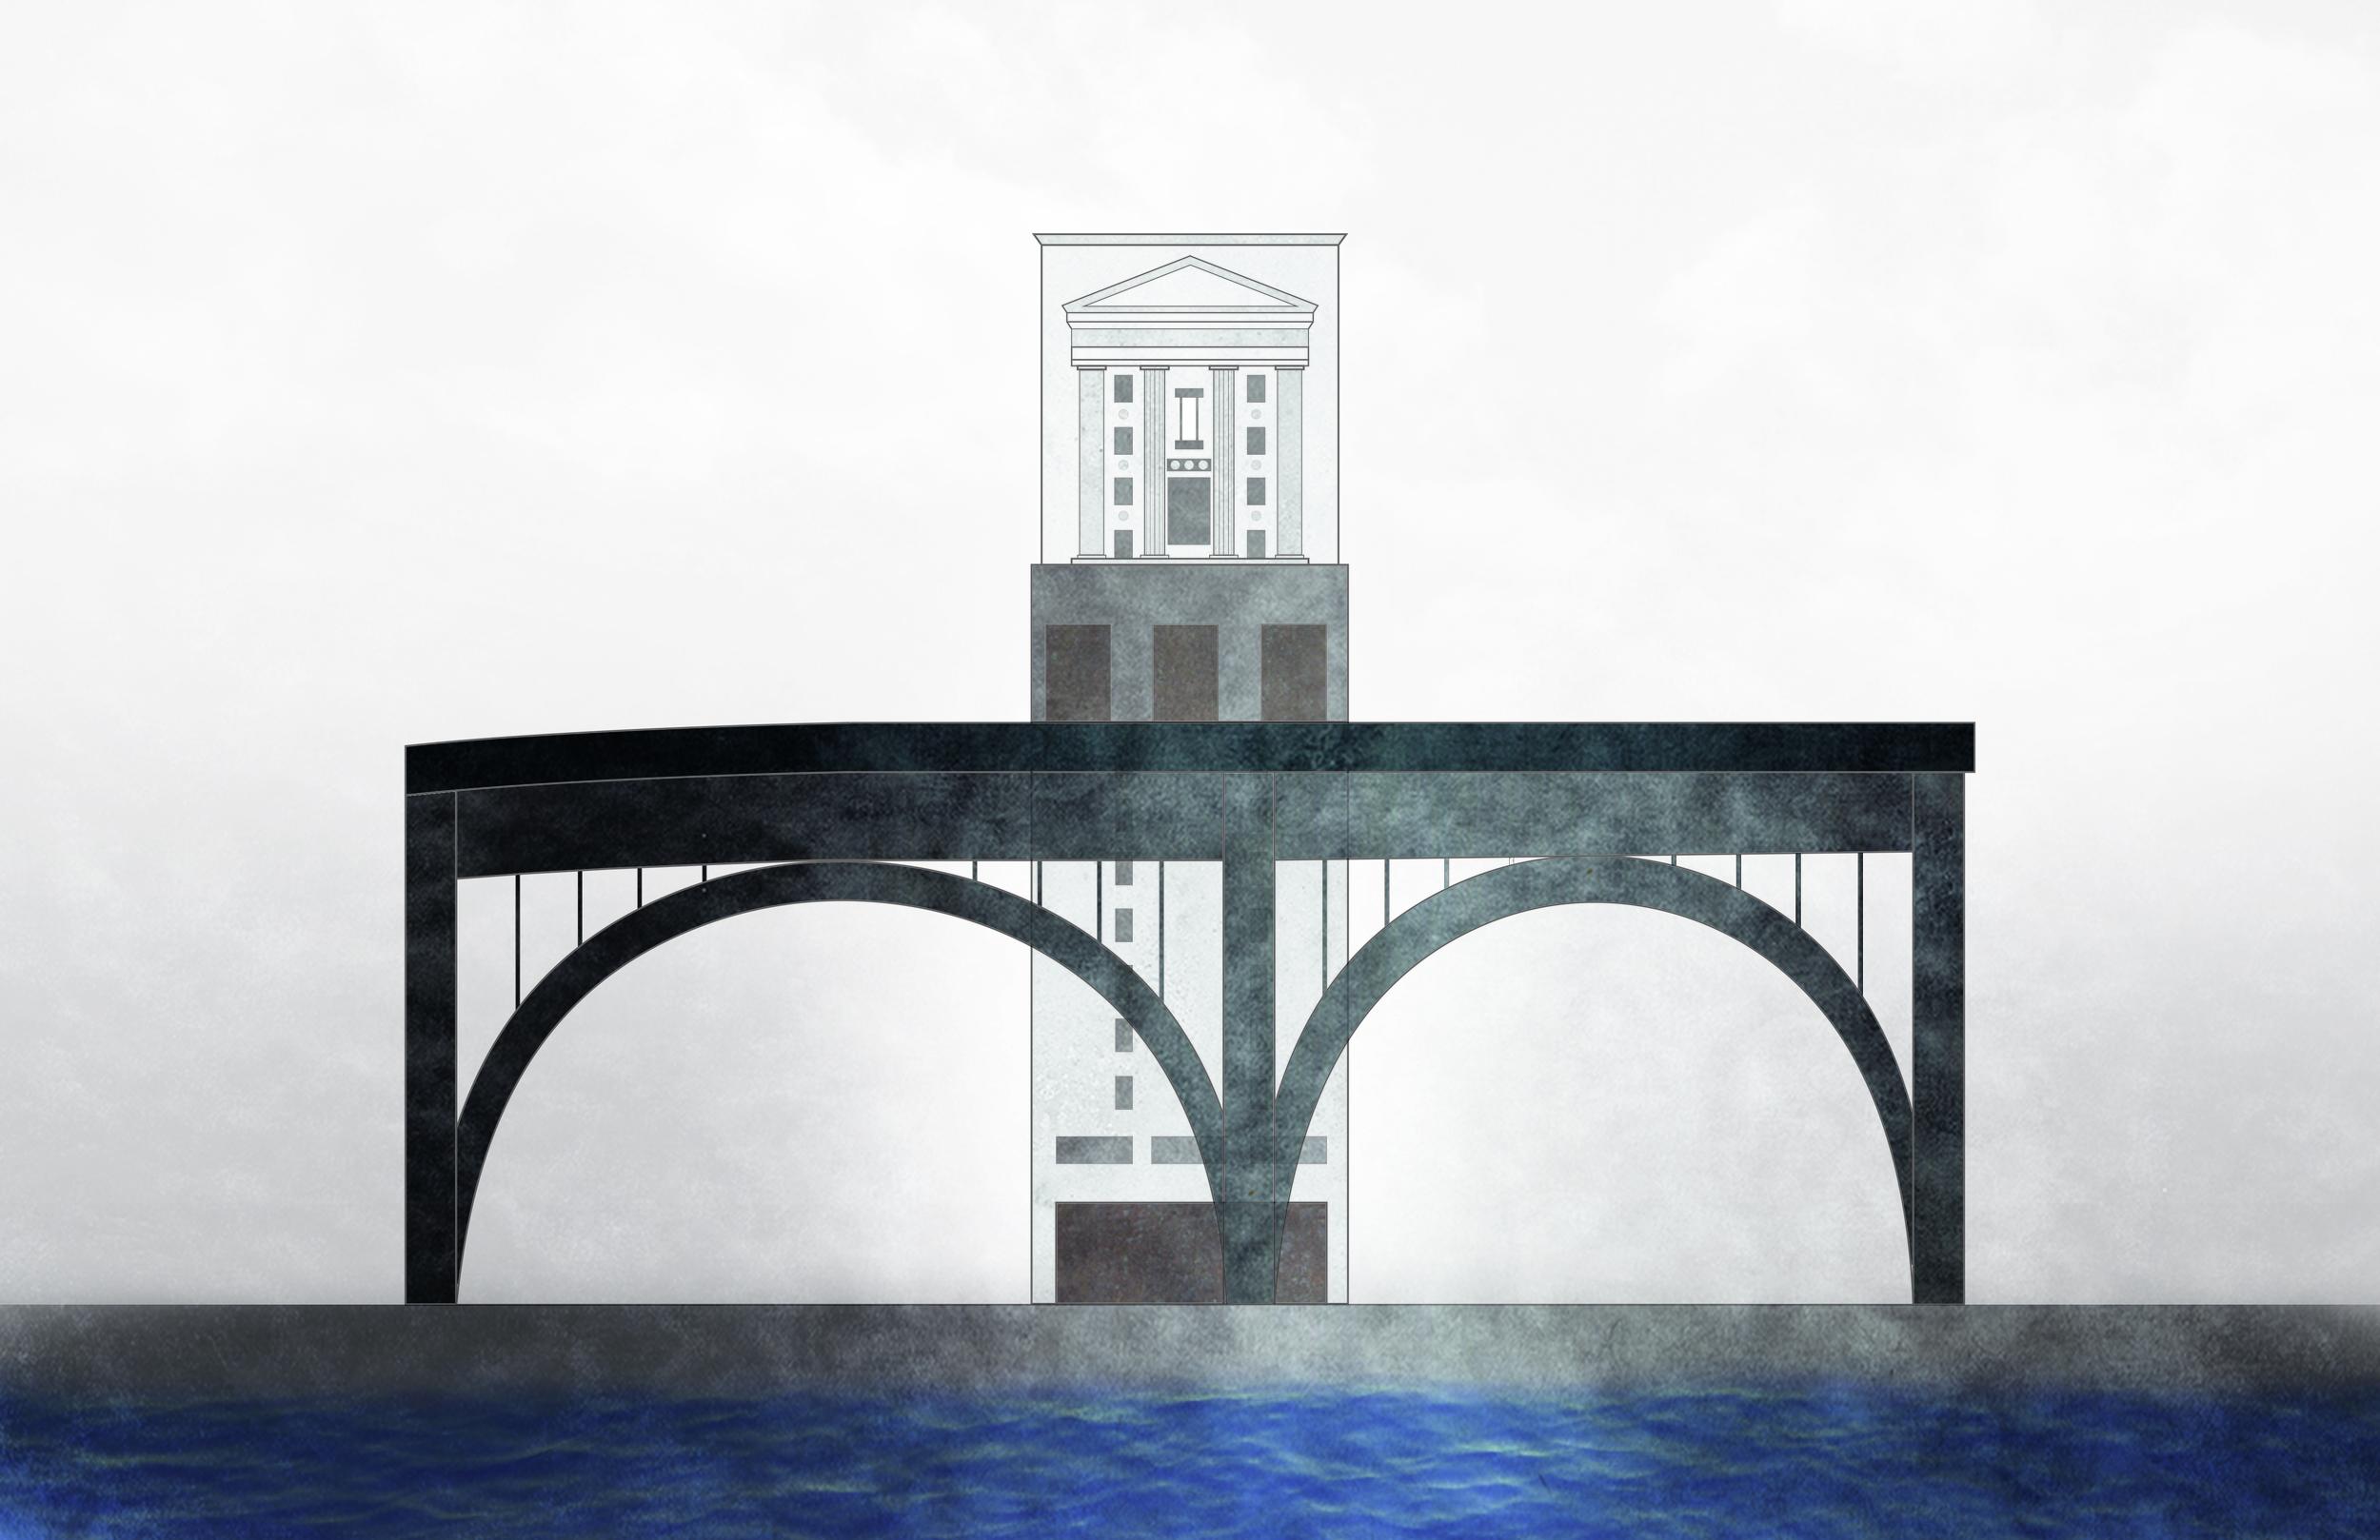 elevation_viaduct_low.jpg